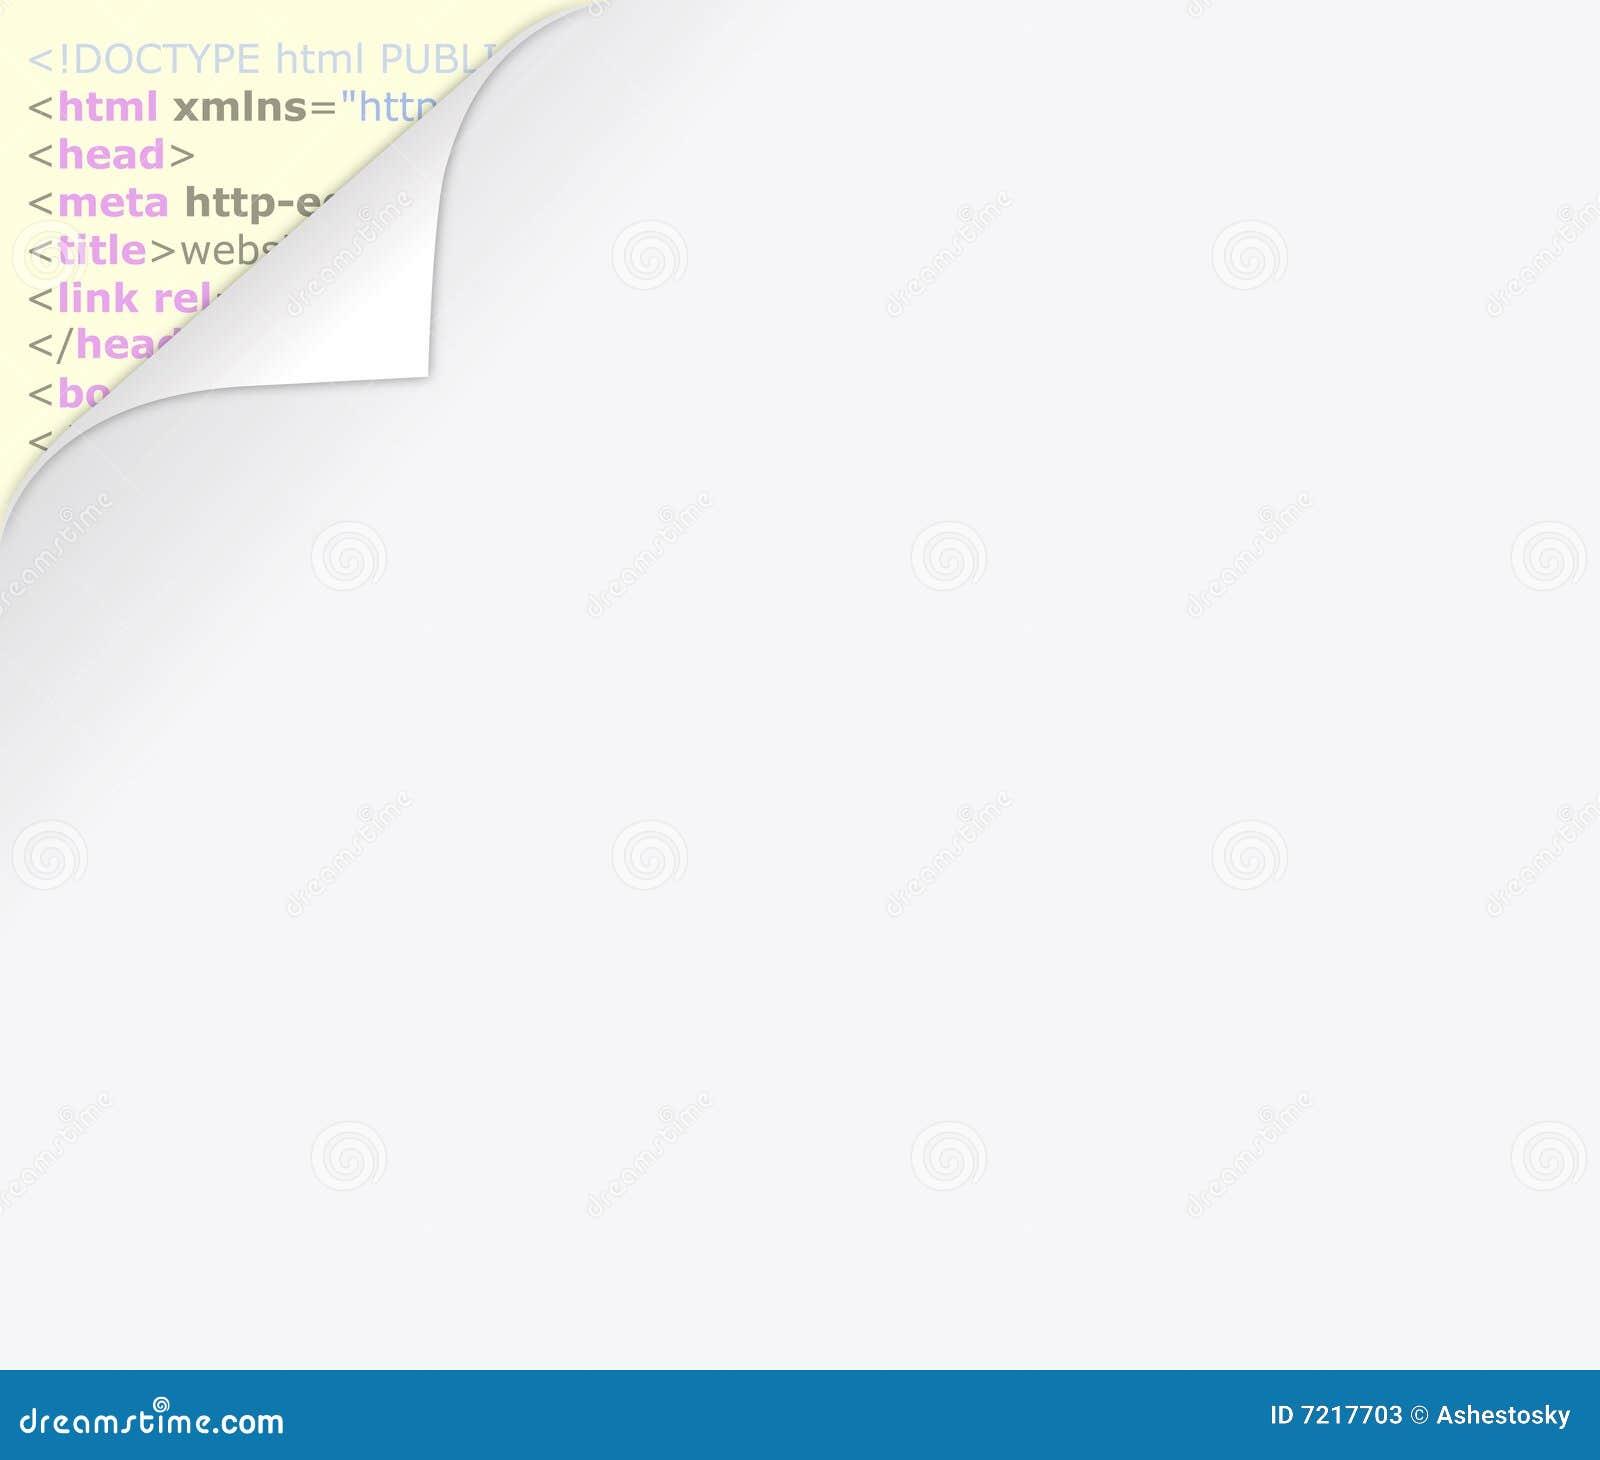 Web Page Del Html Detras Del Espacio En Blanco Ilustracion Del - Espacio-en-blanco-html